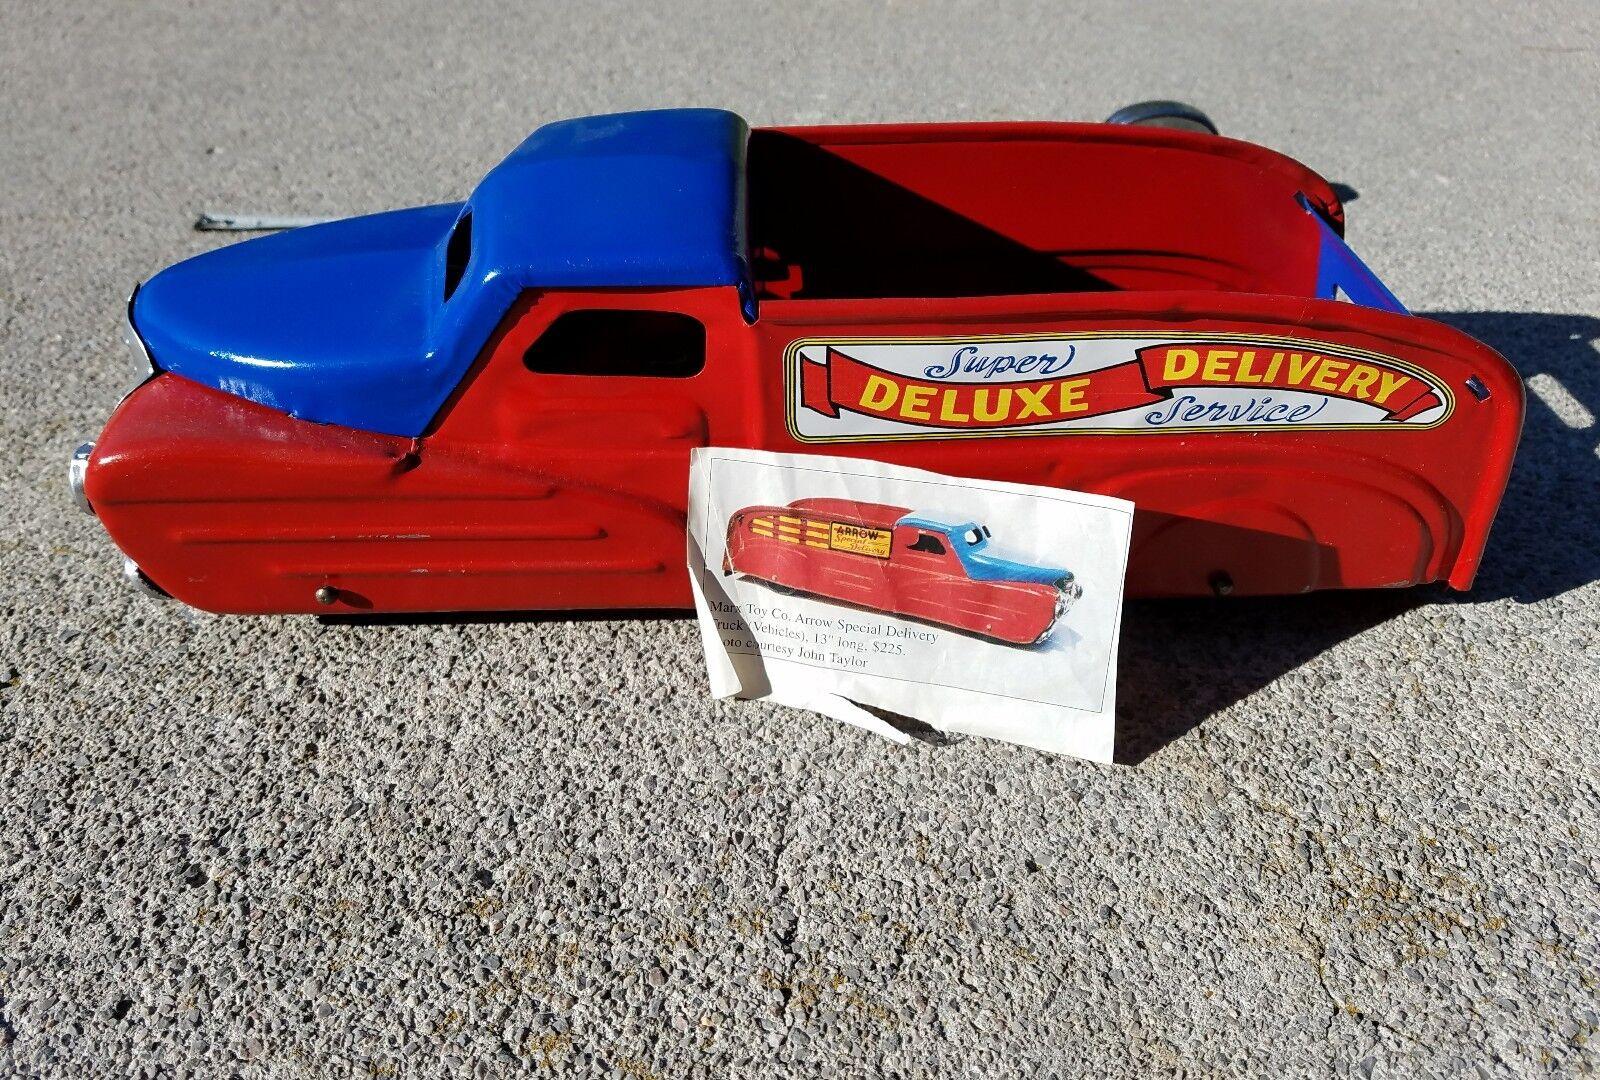 ビンテージマルクスアロースペシャルデリバリー玩具トラックアメリカ錫おもちゃロットプレススチール玩具